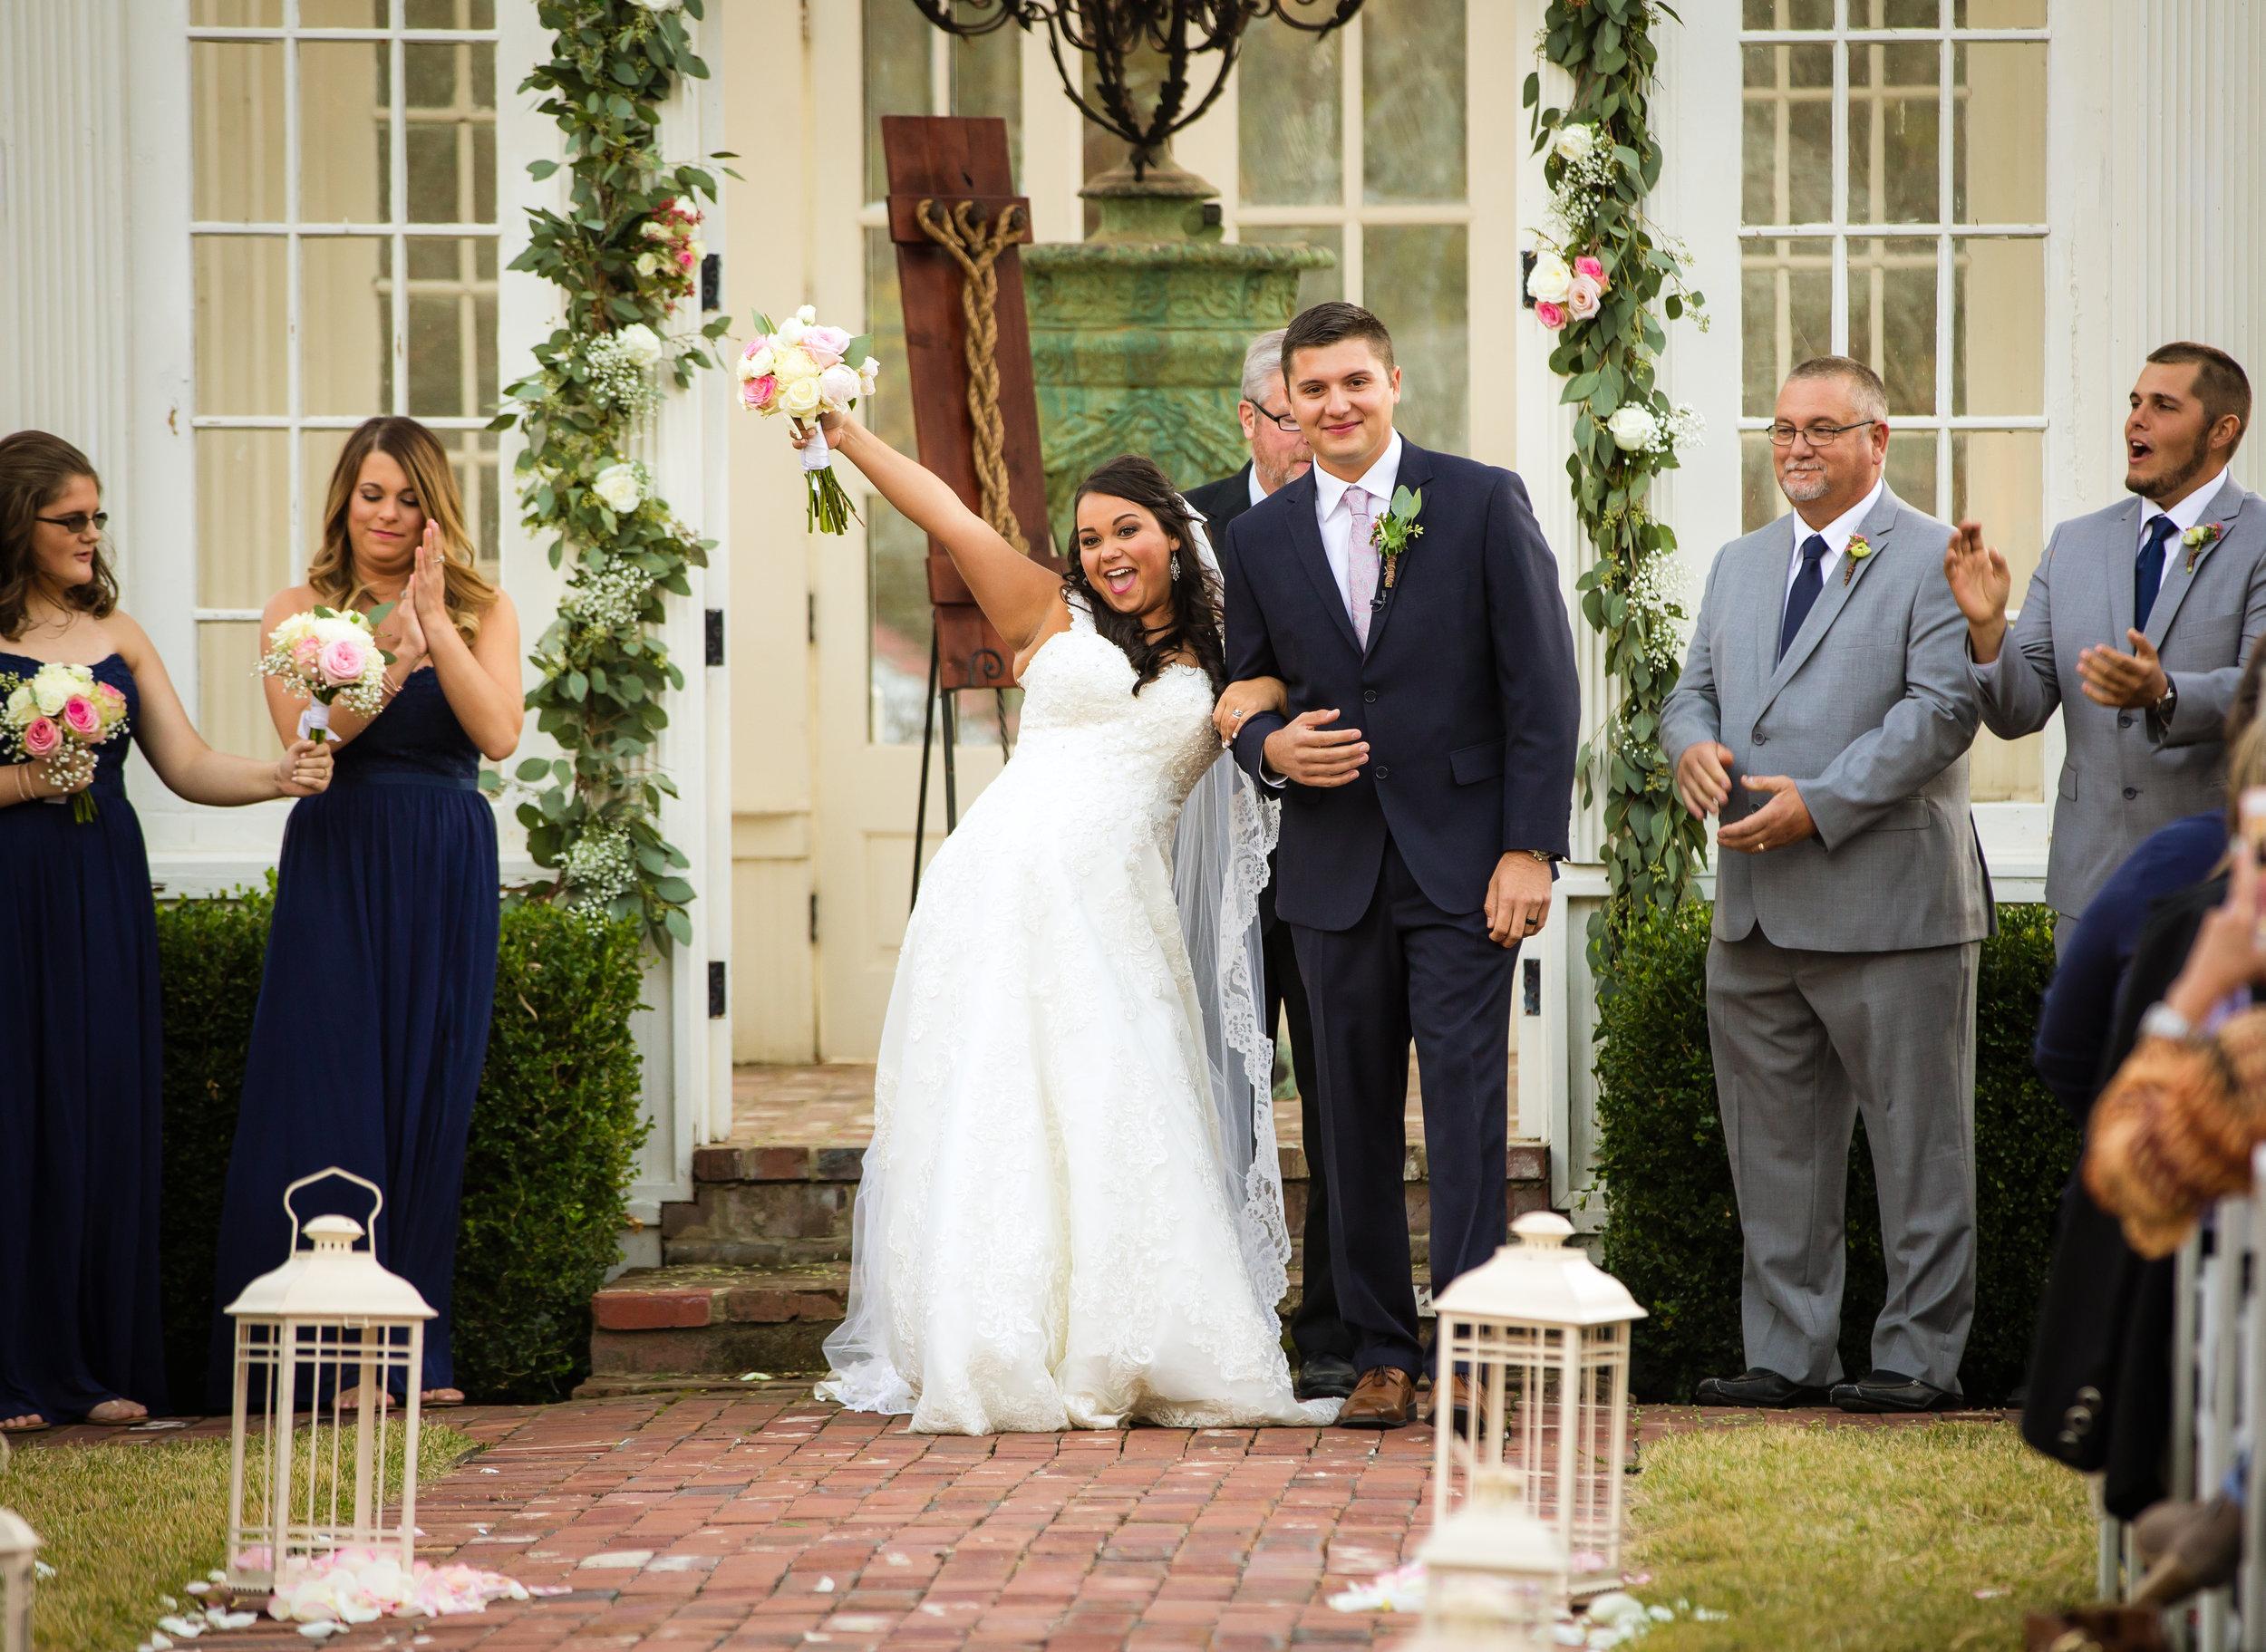 Wedding16-1.jpg